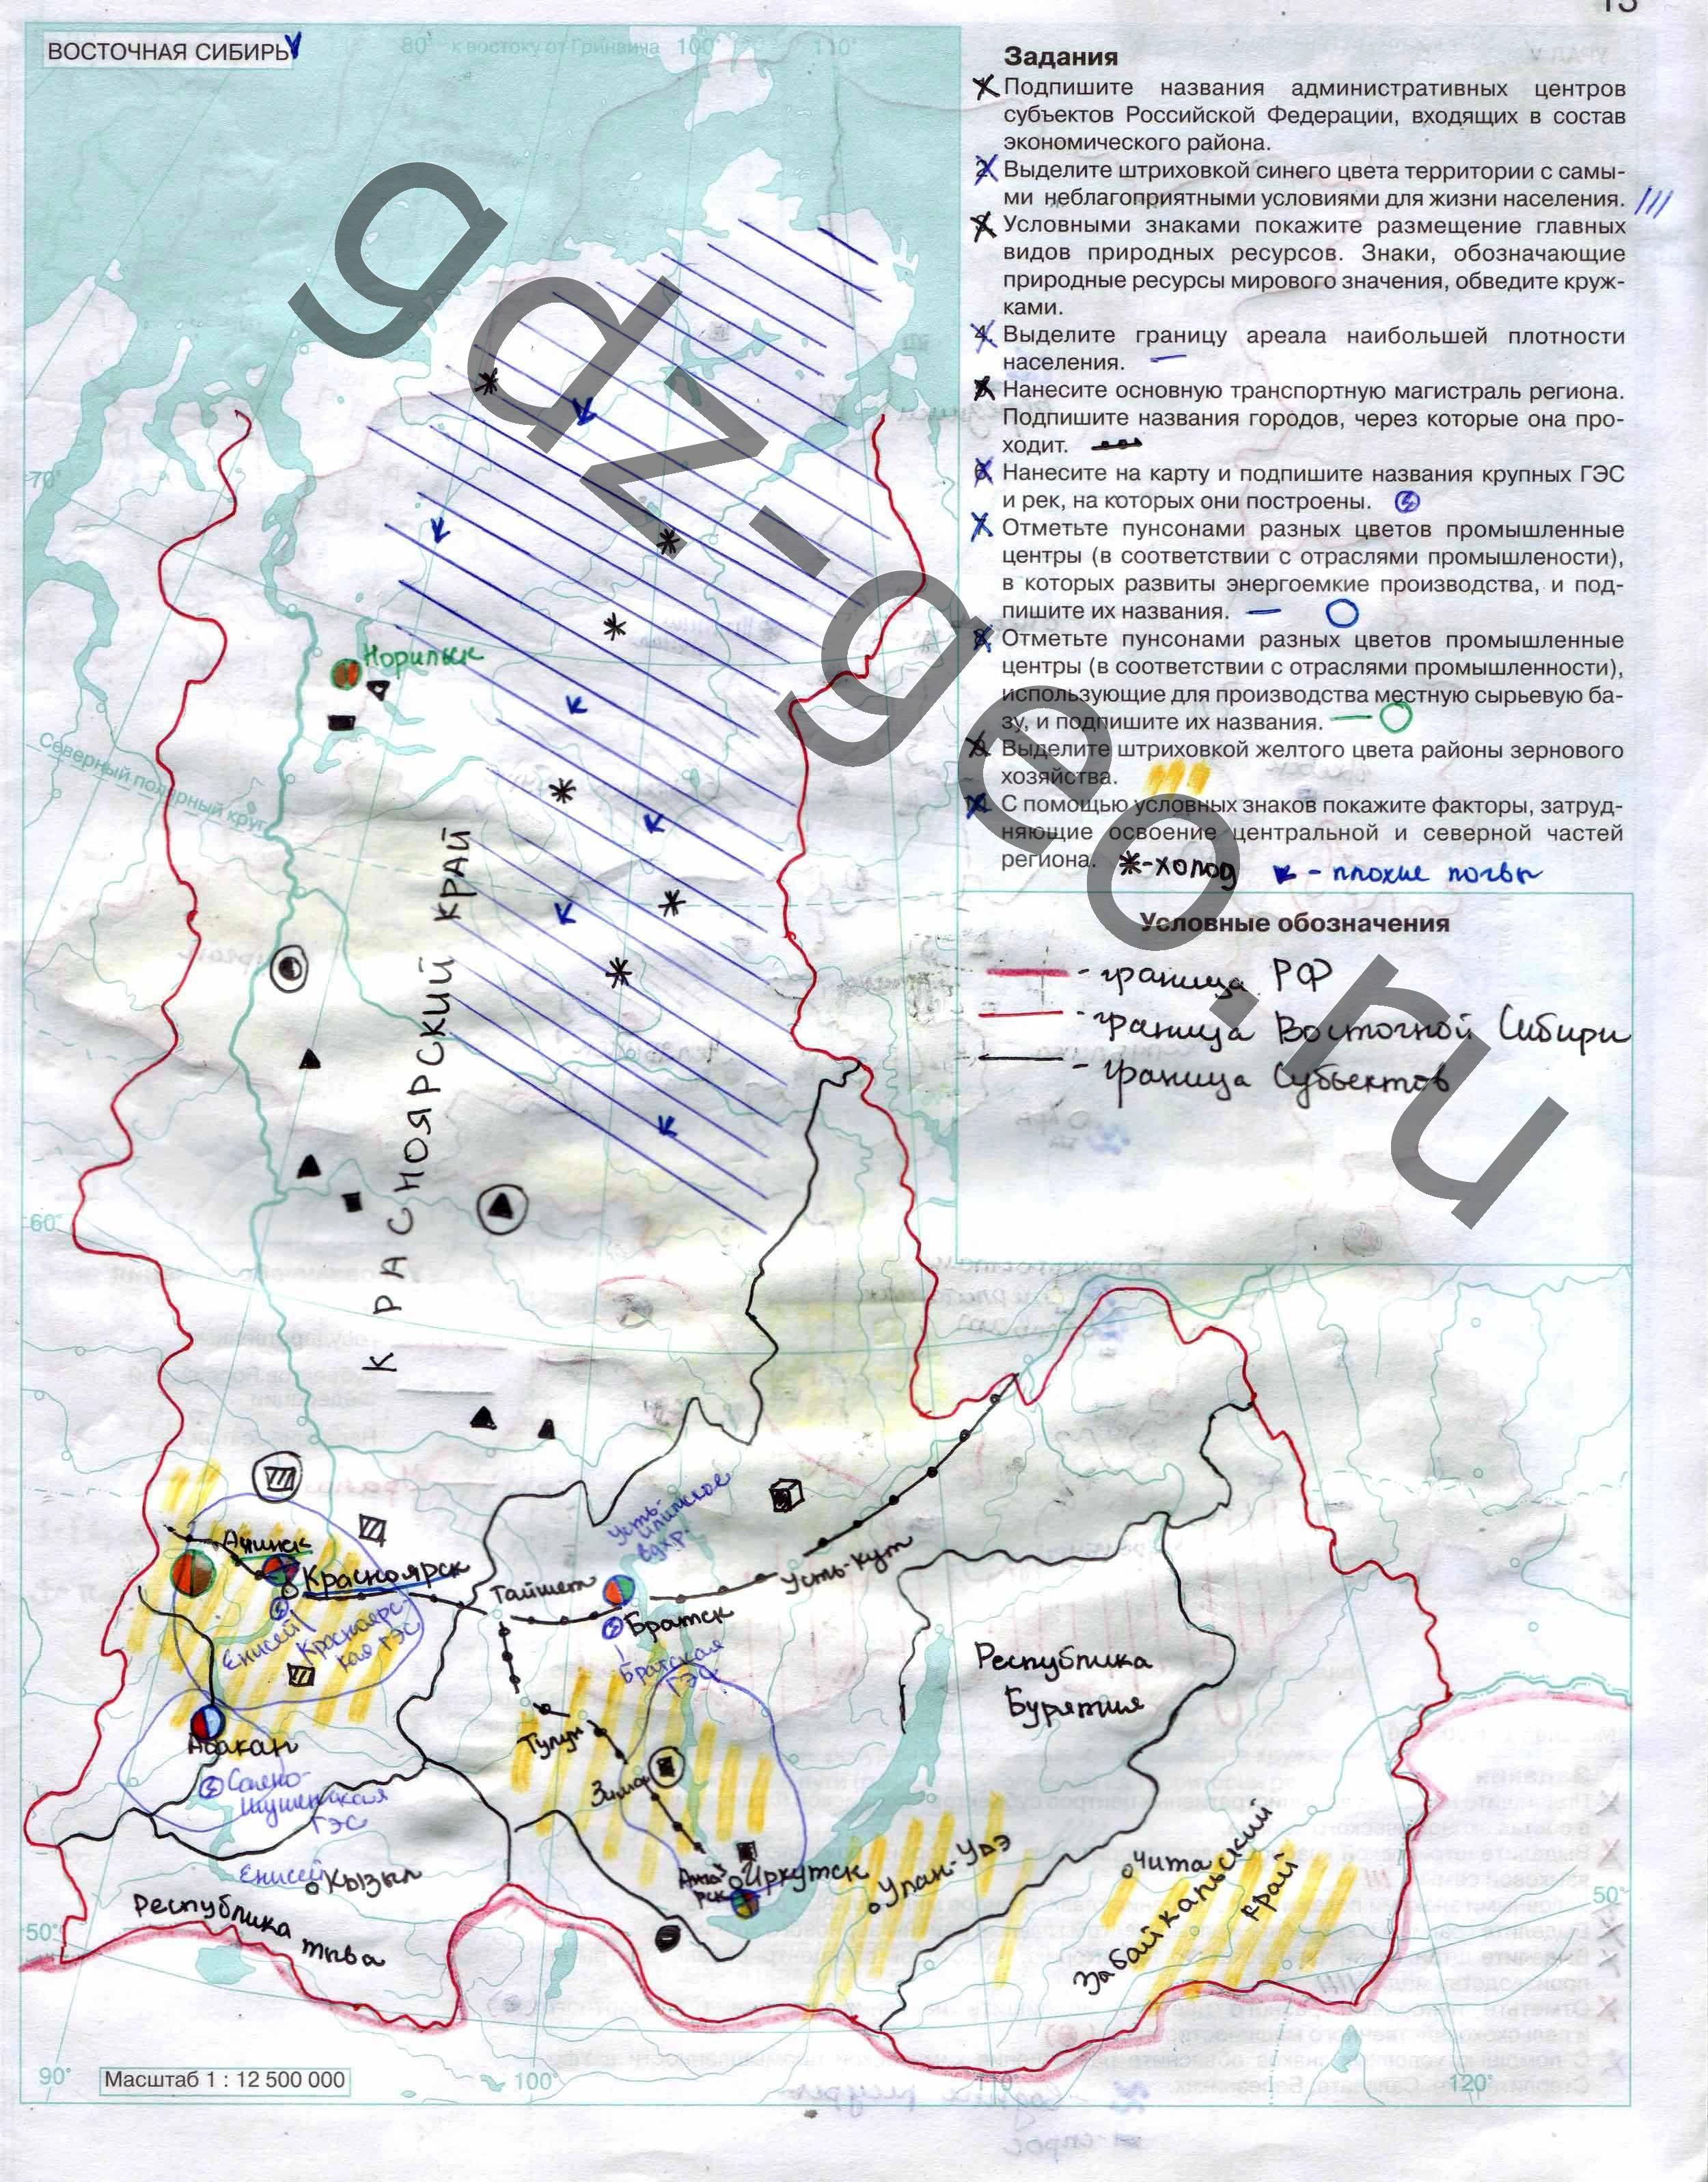 Решебник по рабочей тетради география 9 класс сиротин